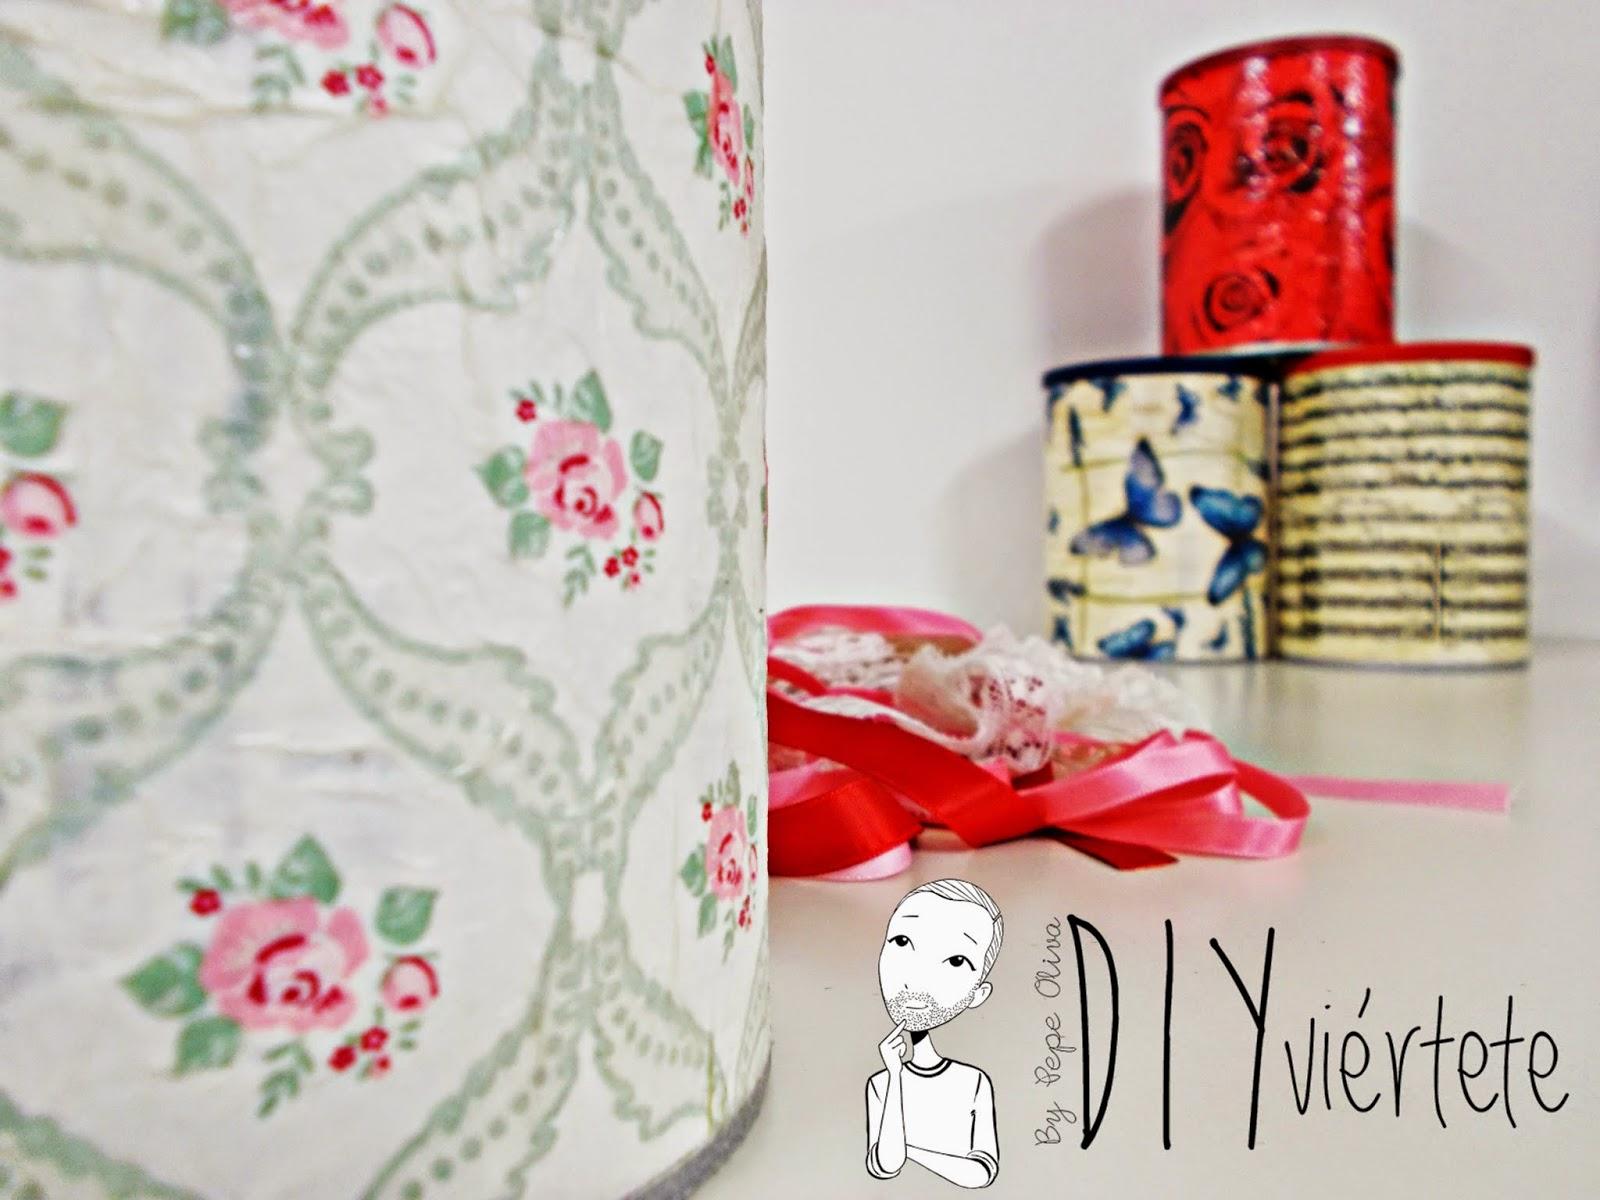 DIY-botes-decoupage-servilletas-cola blanca-ideas regalo-reciclar-reutilizar (1)3